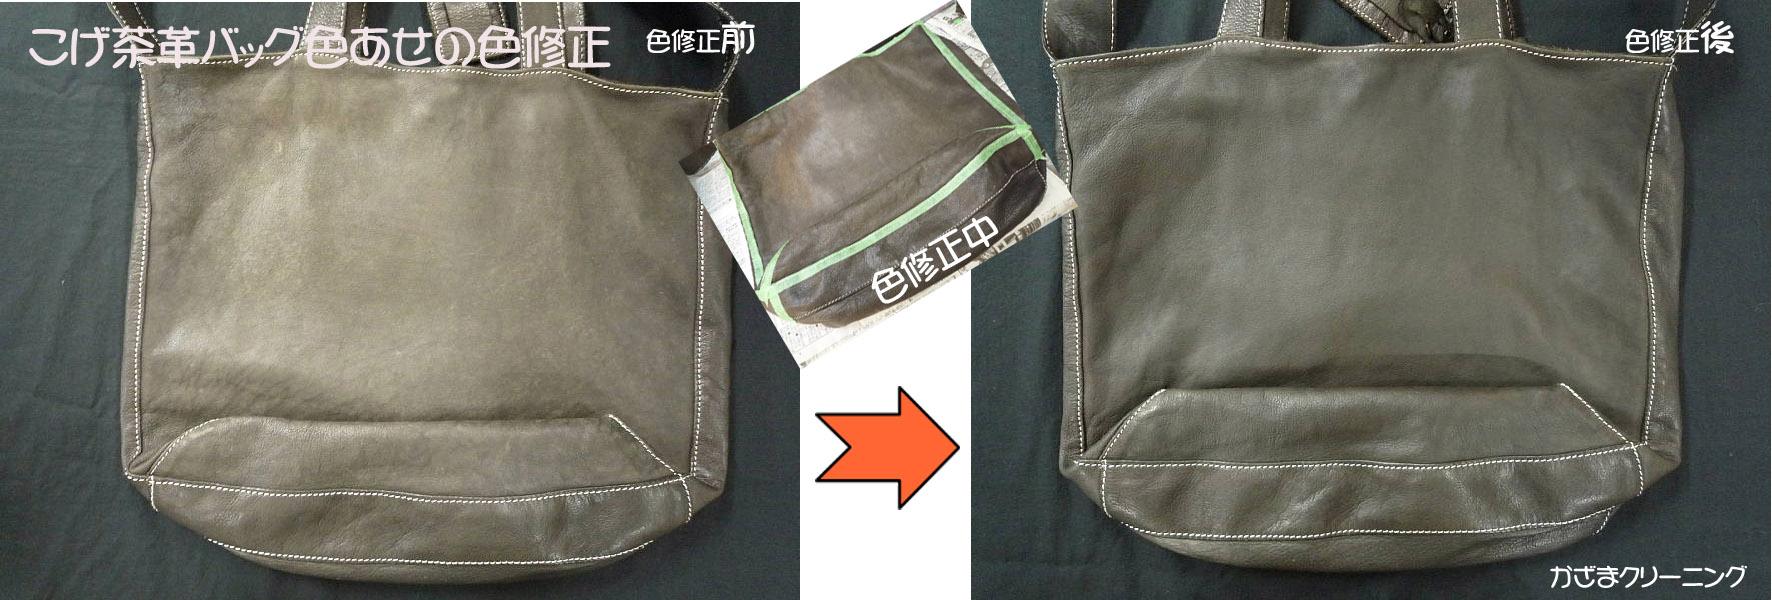 革バッグを同じこげ茶色に色修正